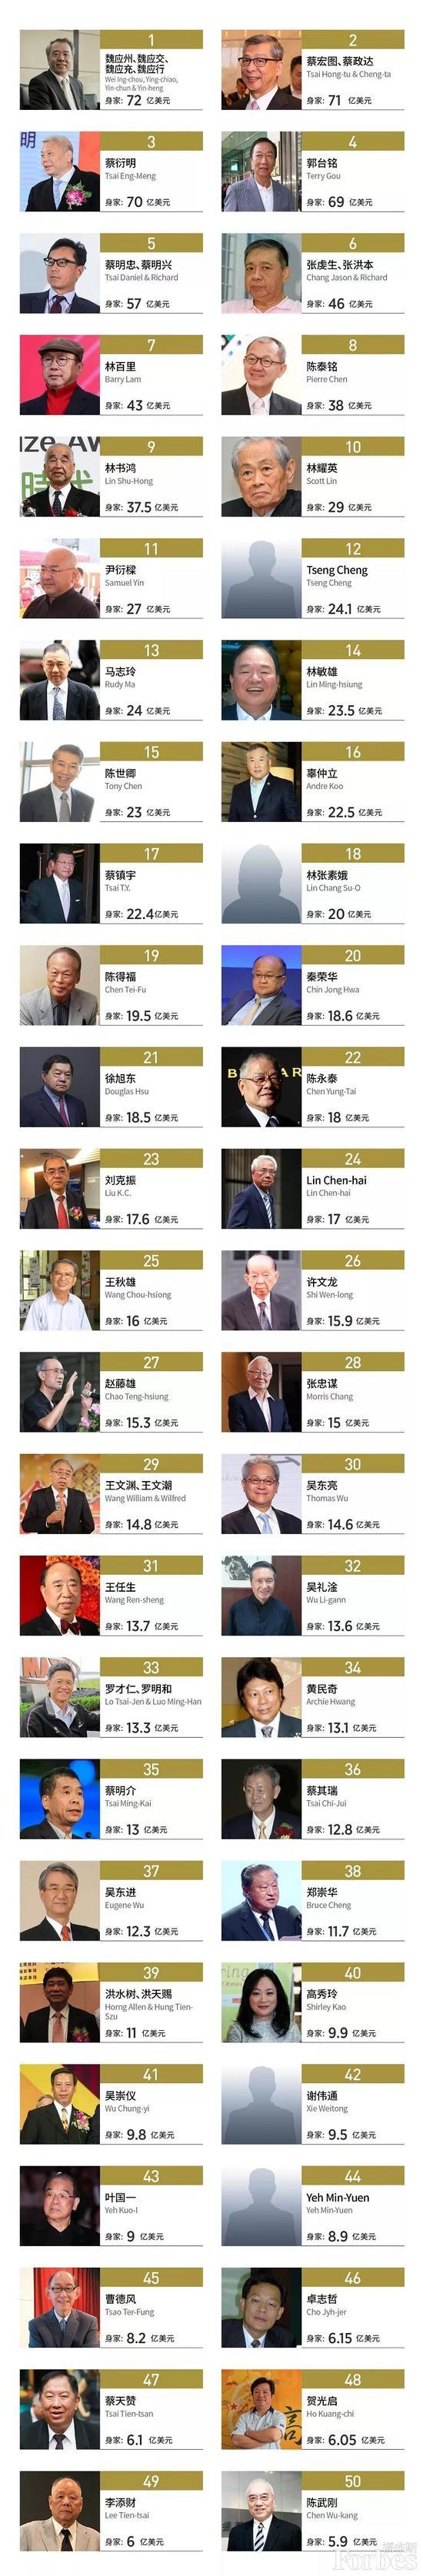 福布斯发布中国台湾富豪榜 郭台铭跌出前三